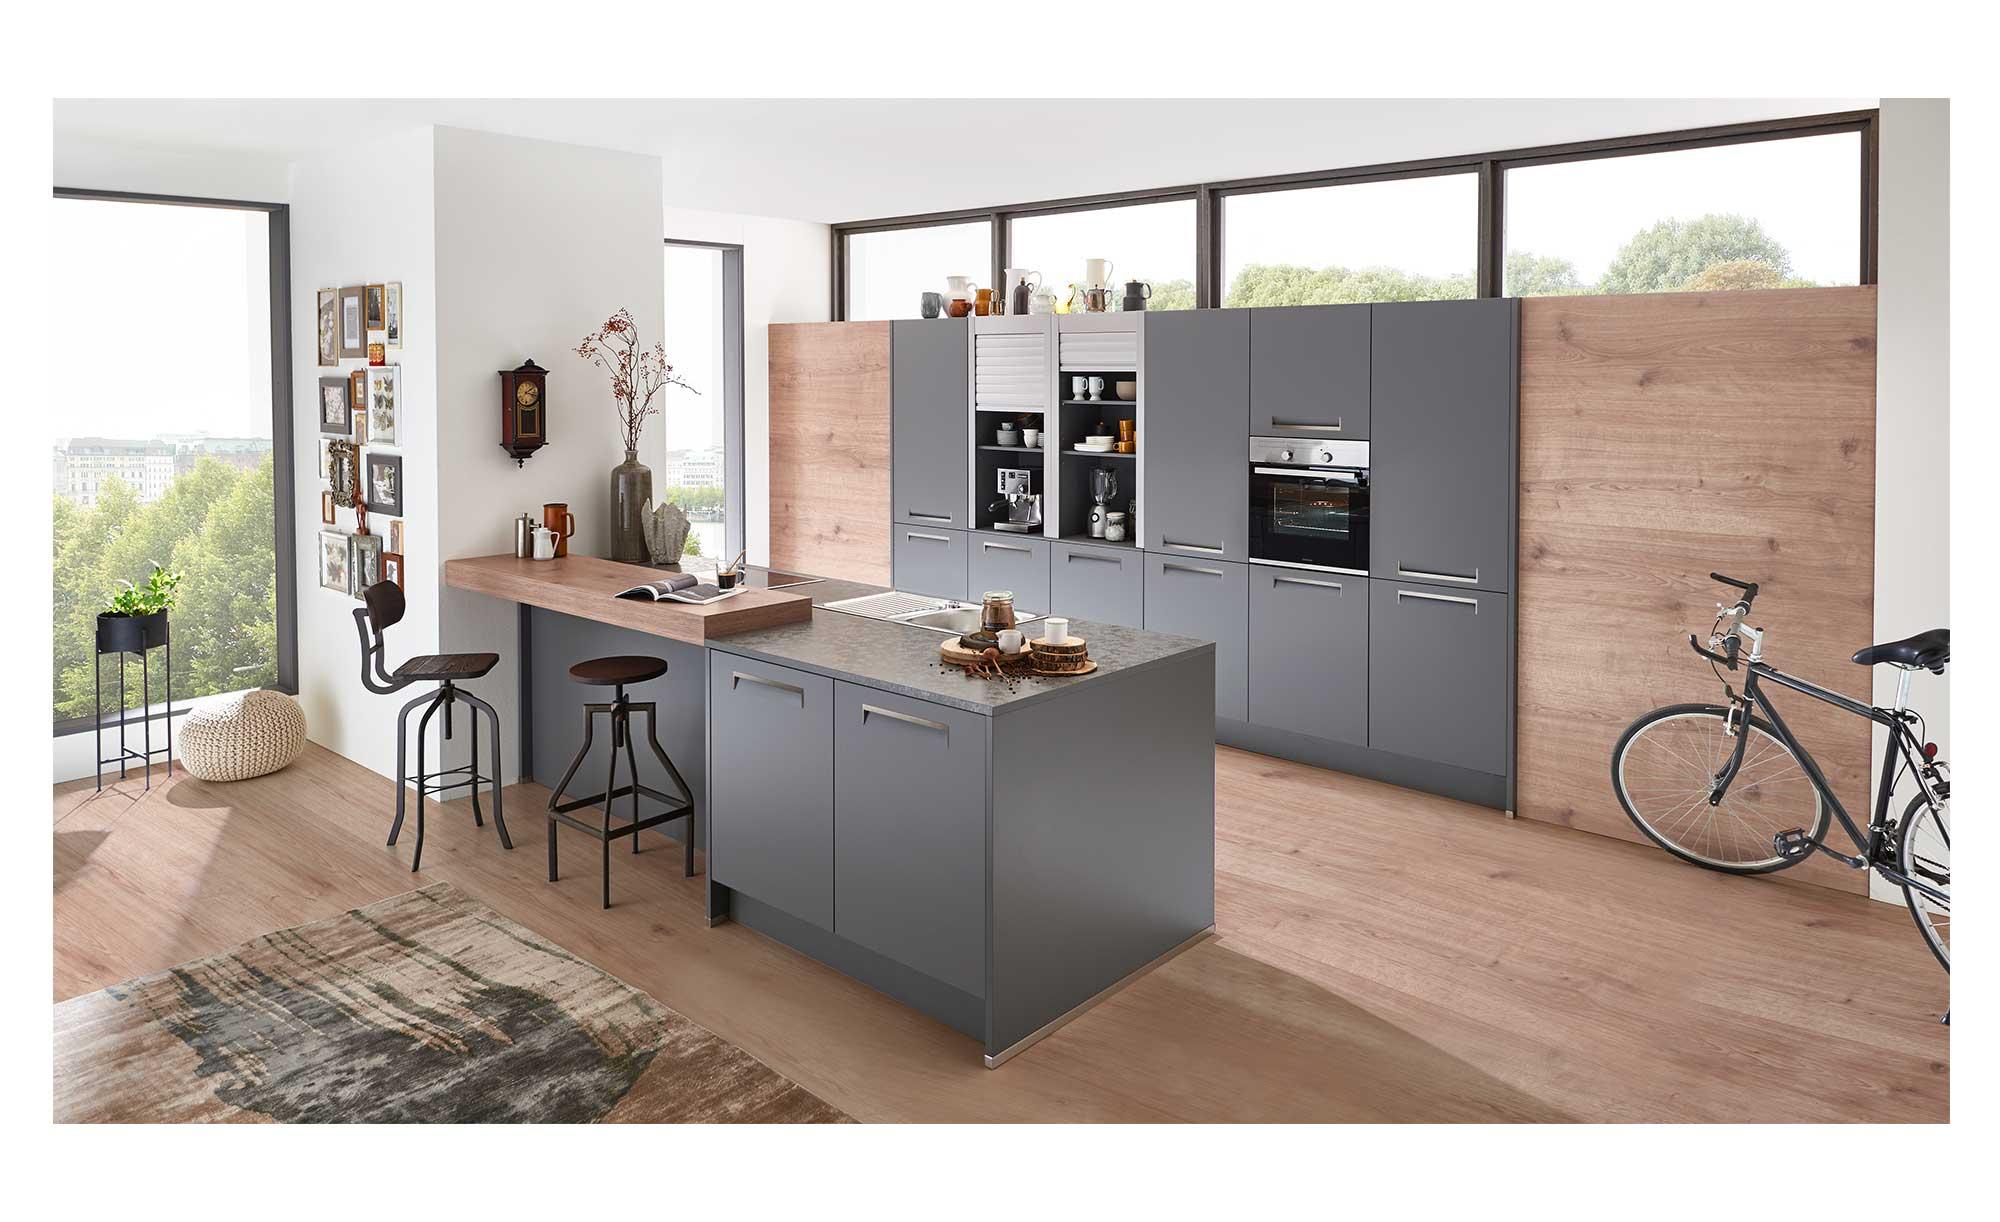 Full Size of Schichtstoff Küche Nolte Jalousieschrank Küche Nolte Zubehör Küche Nolte Küche Nolte Qualität Küche Küche Ohne Geräte